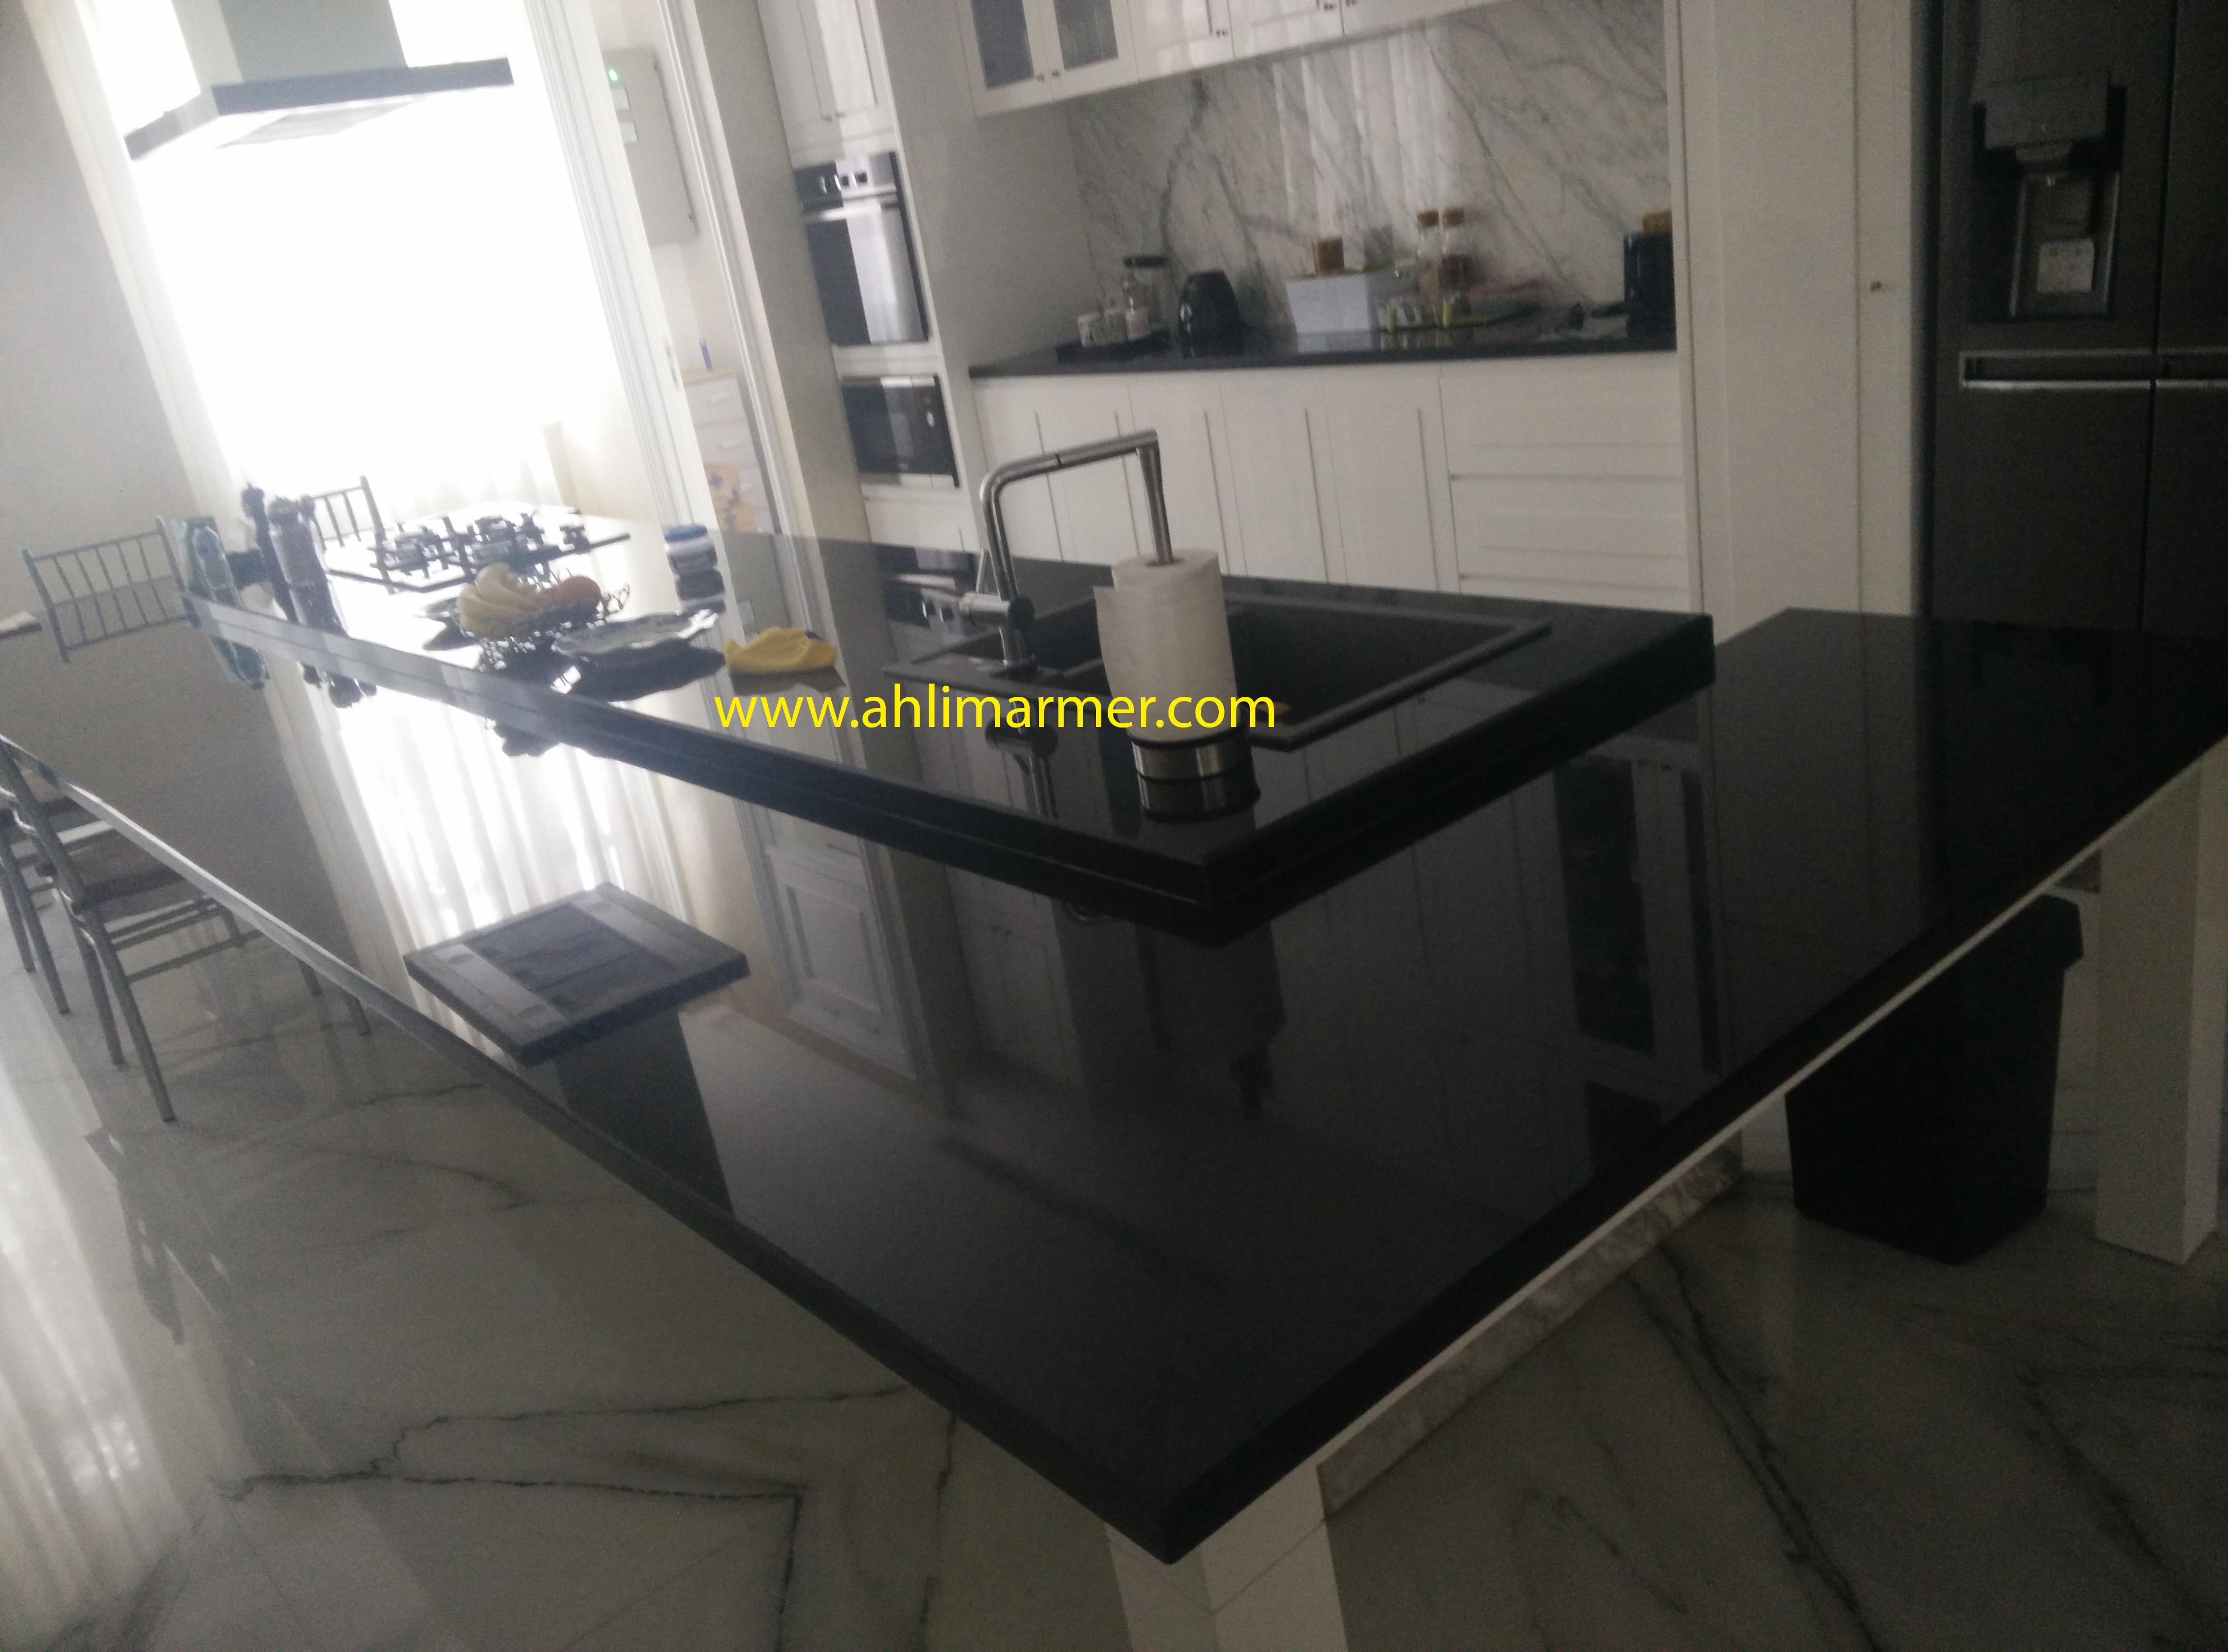 Hasil akhir tahapan pemasangan Top Table Meja Granit